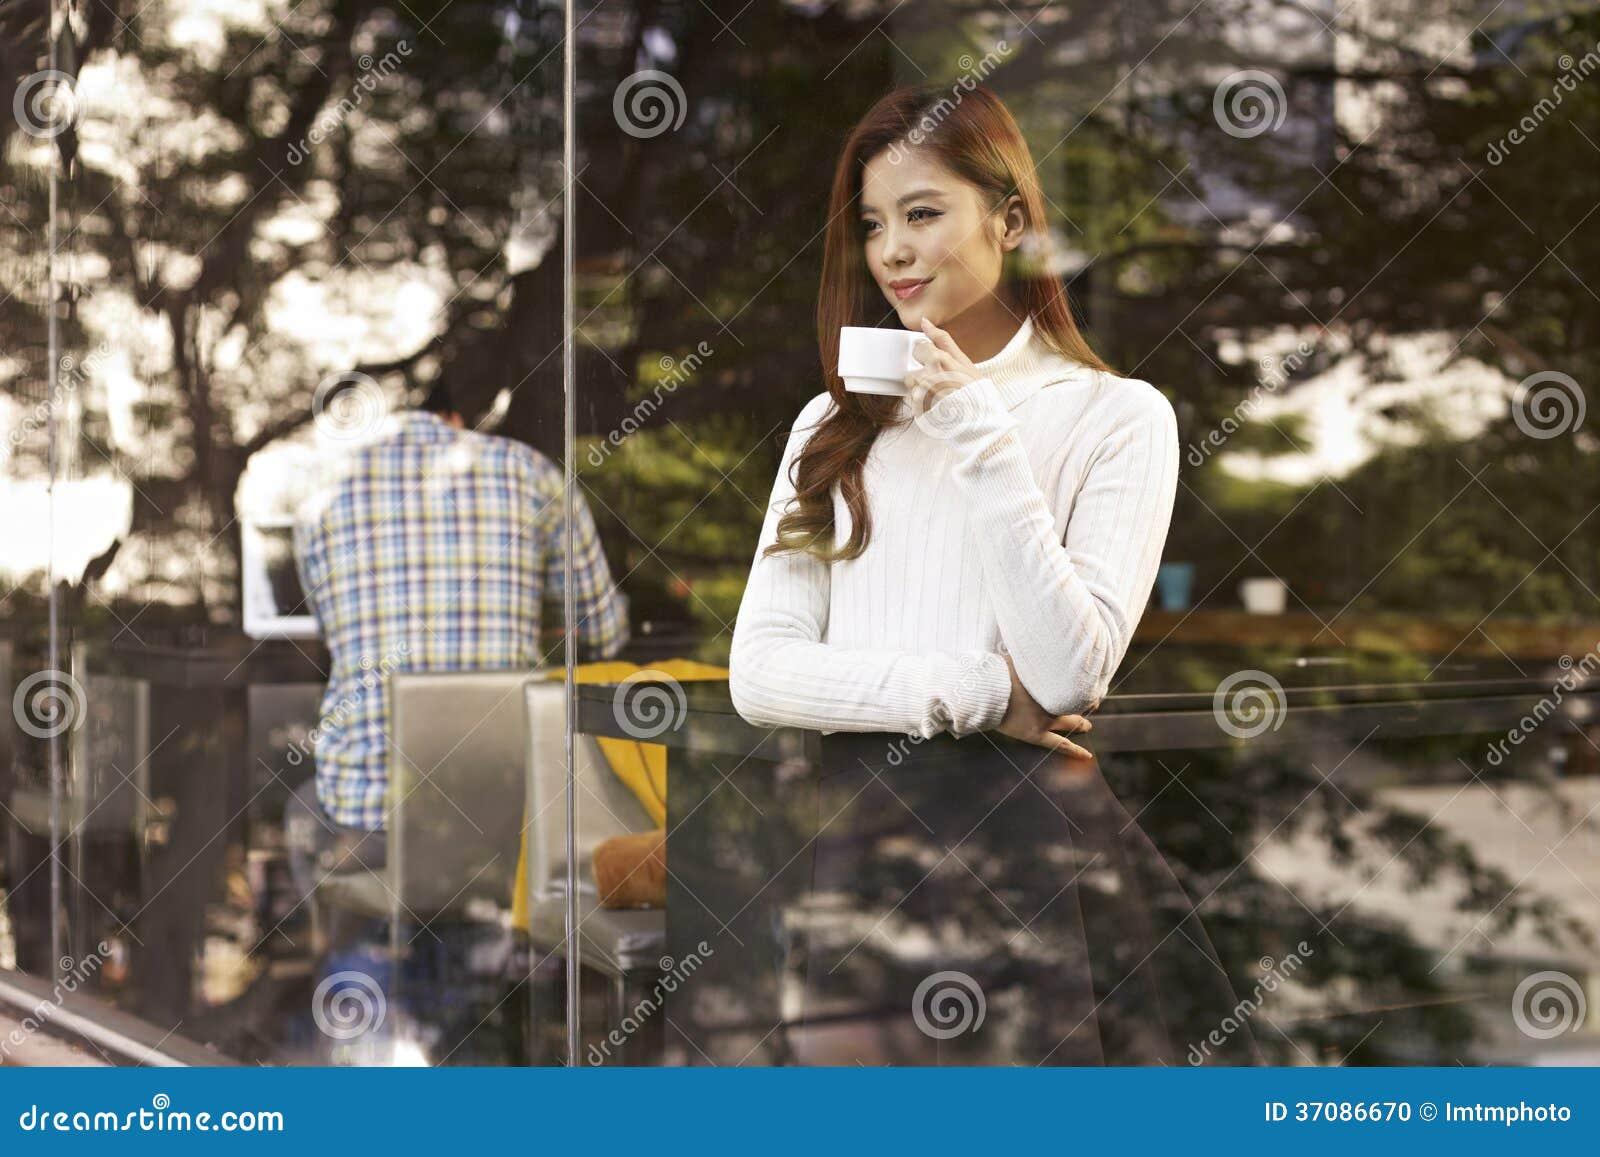 Download Kobieta w kawiarni zdjęcie stock. Obraz złożonej z wschód - 37086670